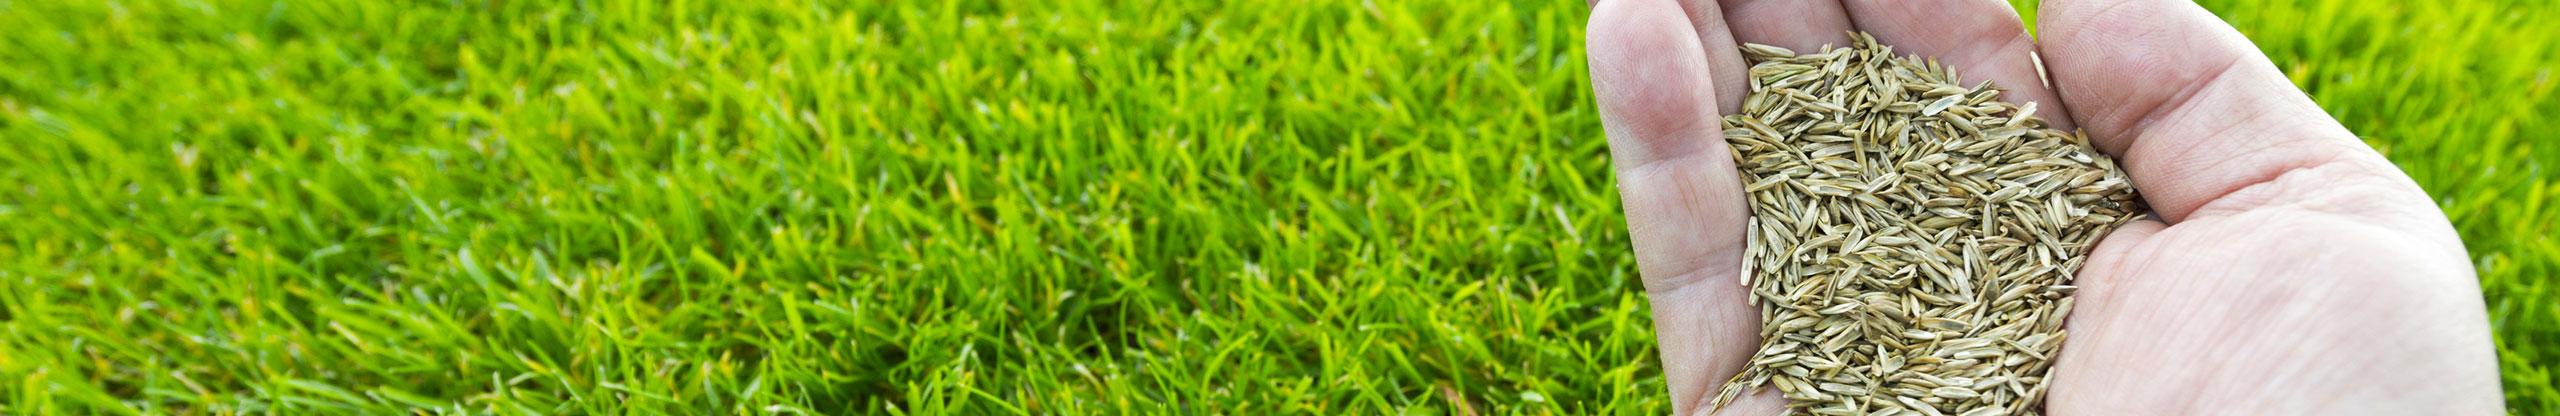 Remy jardin entreprise jardinage paysagiste jardinier for Horticulteur paysagiste